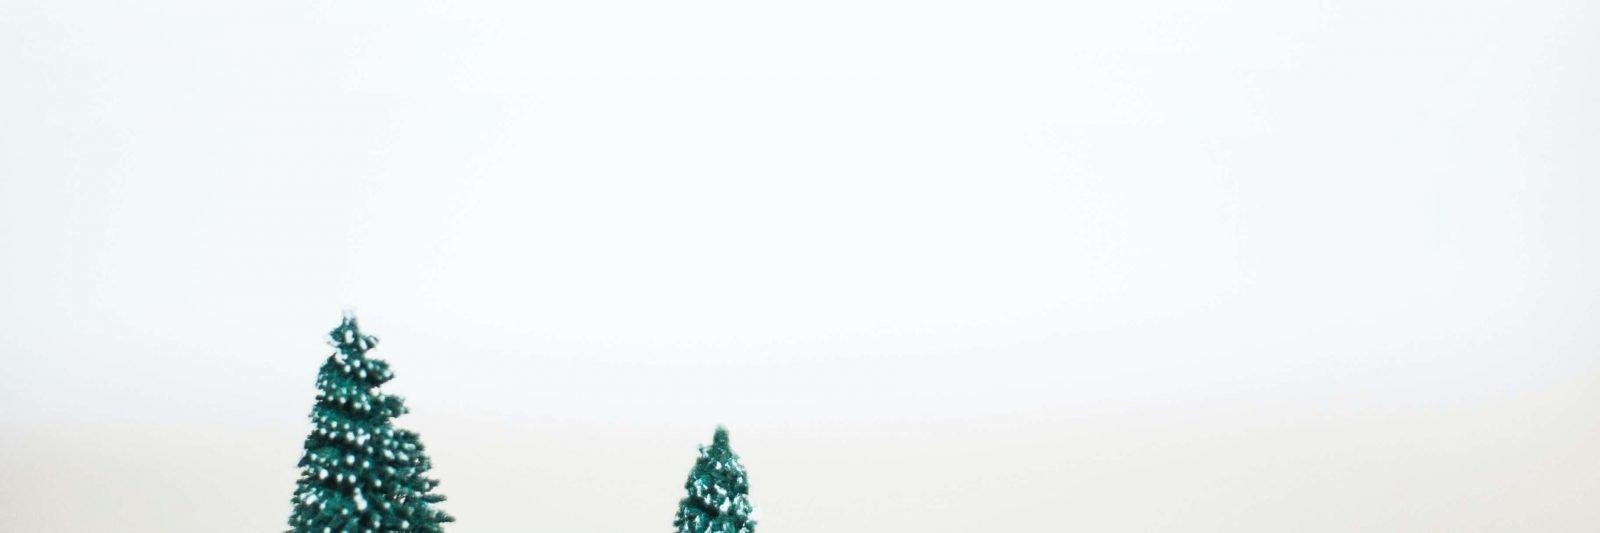 sustainable_christmas_webinar